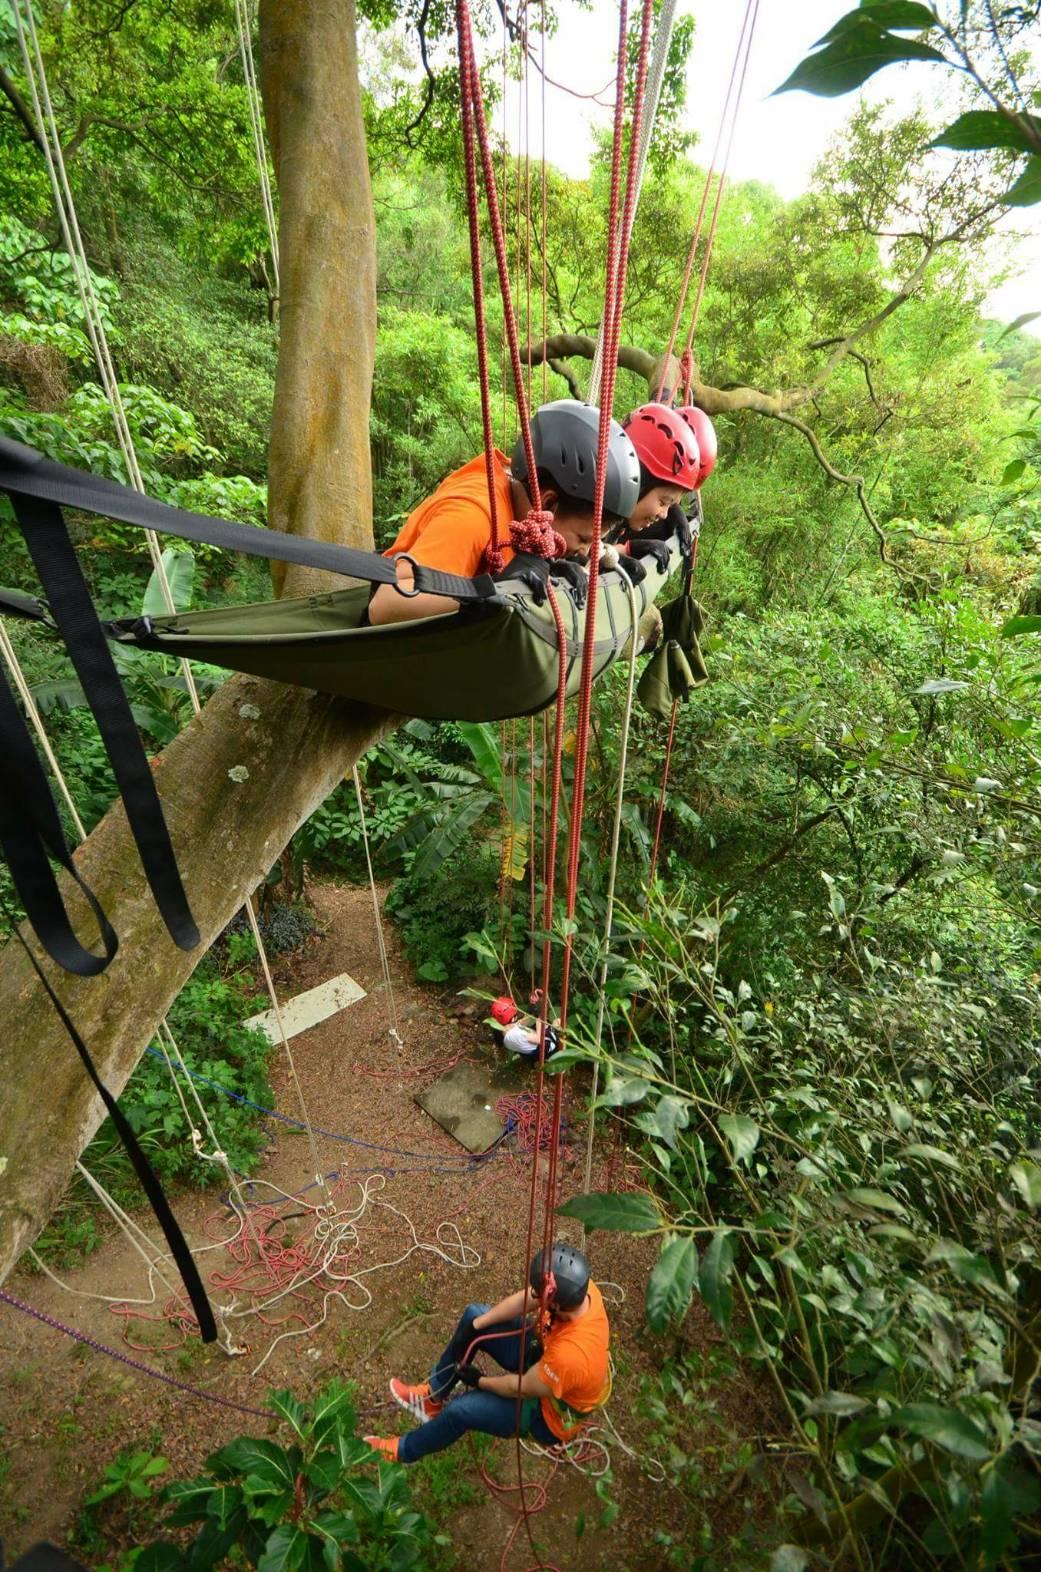 激勵自己的攀樹之旅